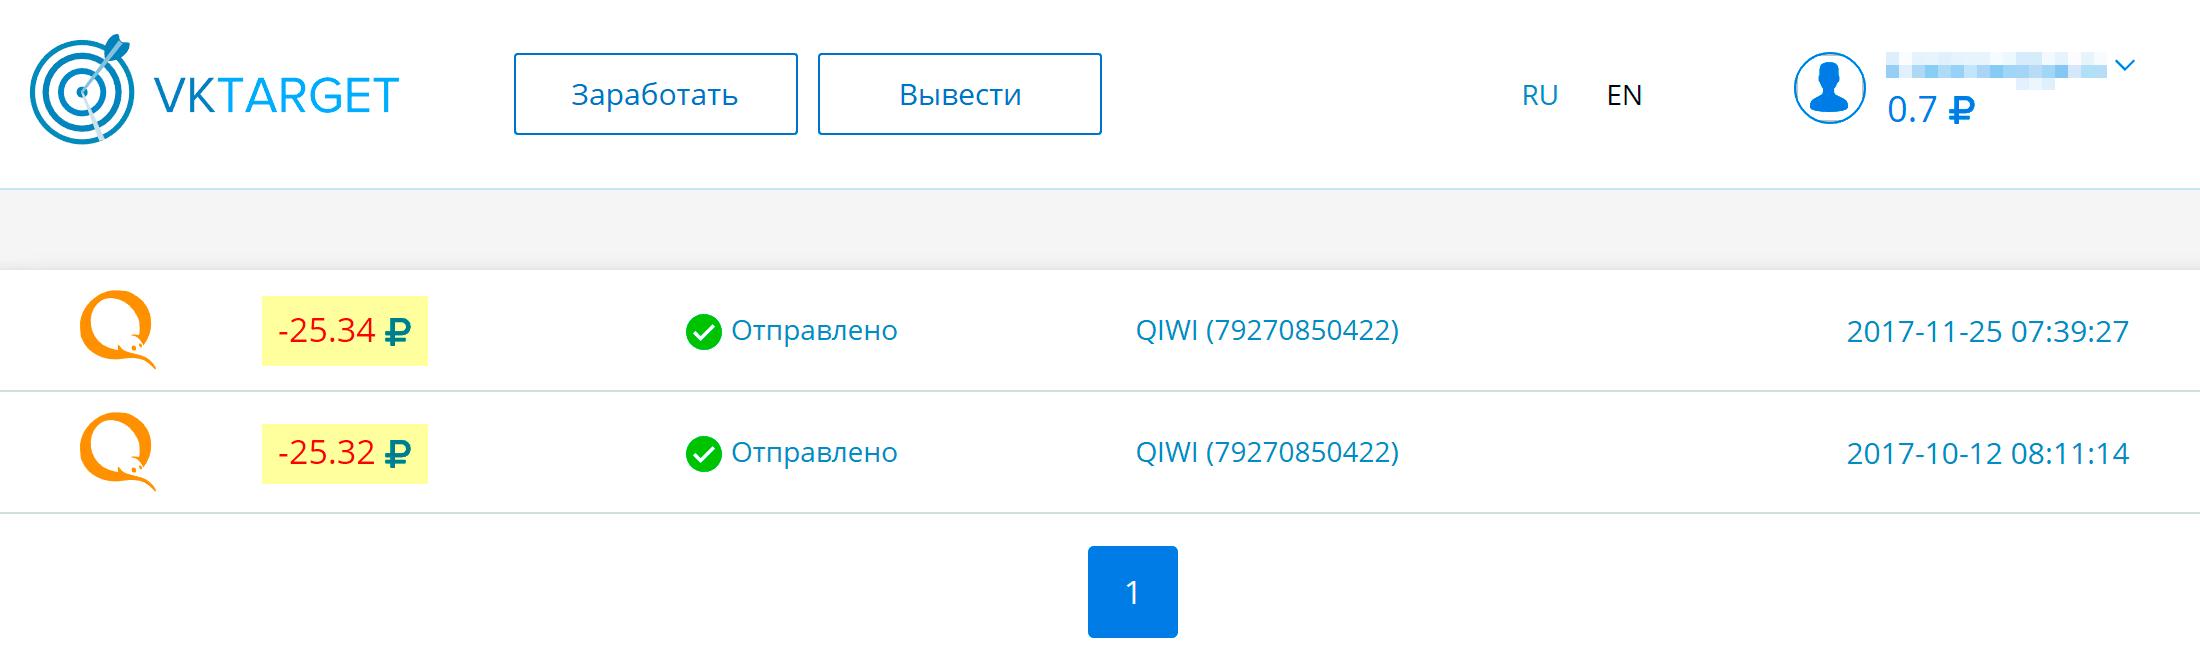 На фальшивых действиях в соцсетях я обогатился на 50 рублей 60 копеек